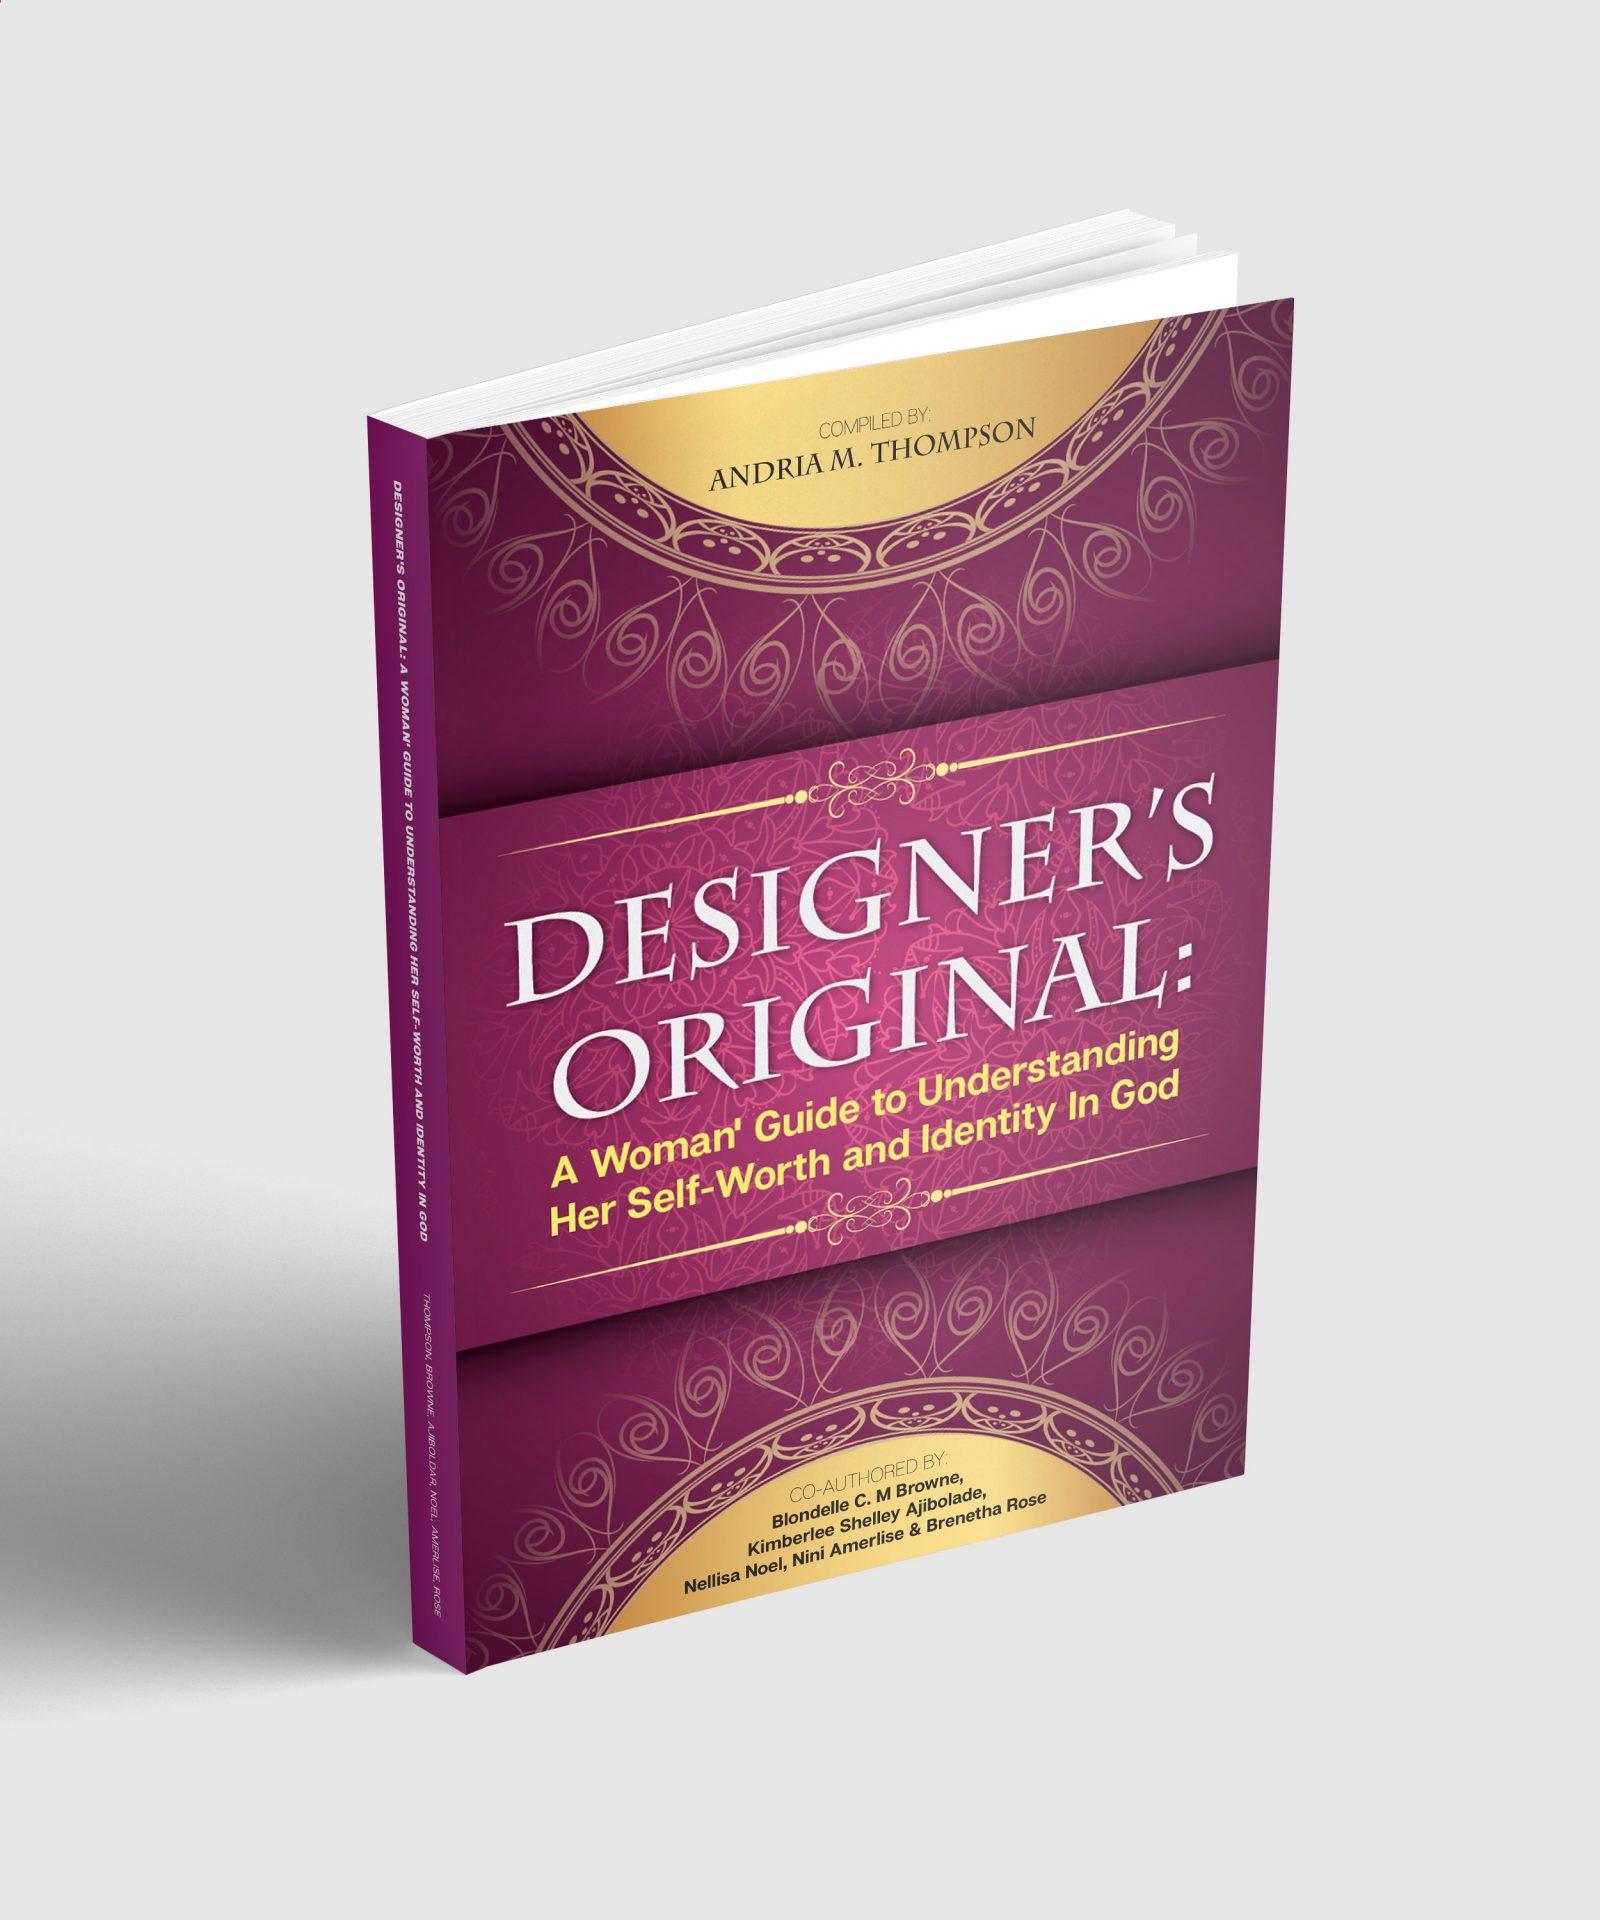 Book Cover Design For Designers Original By A Toronto Based Author